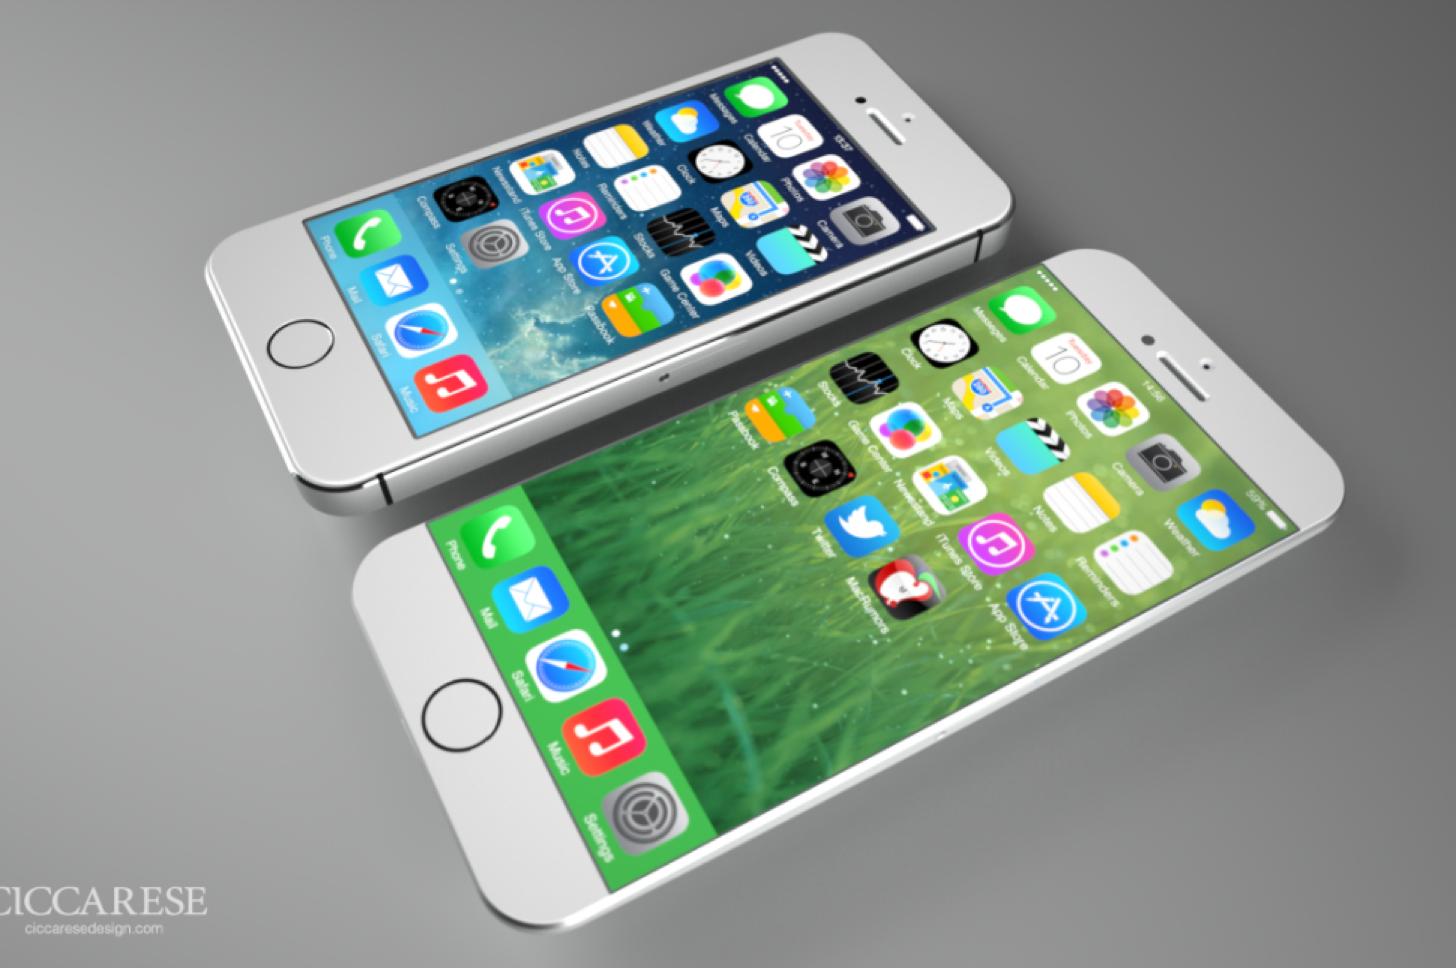 iPhone 6 vs iPhone 5s。二つの筐体を比較した画像。